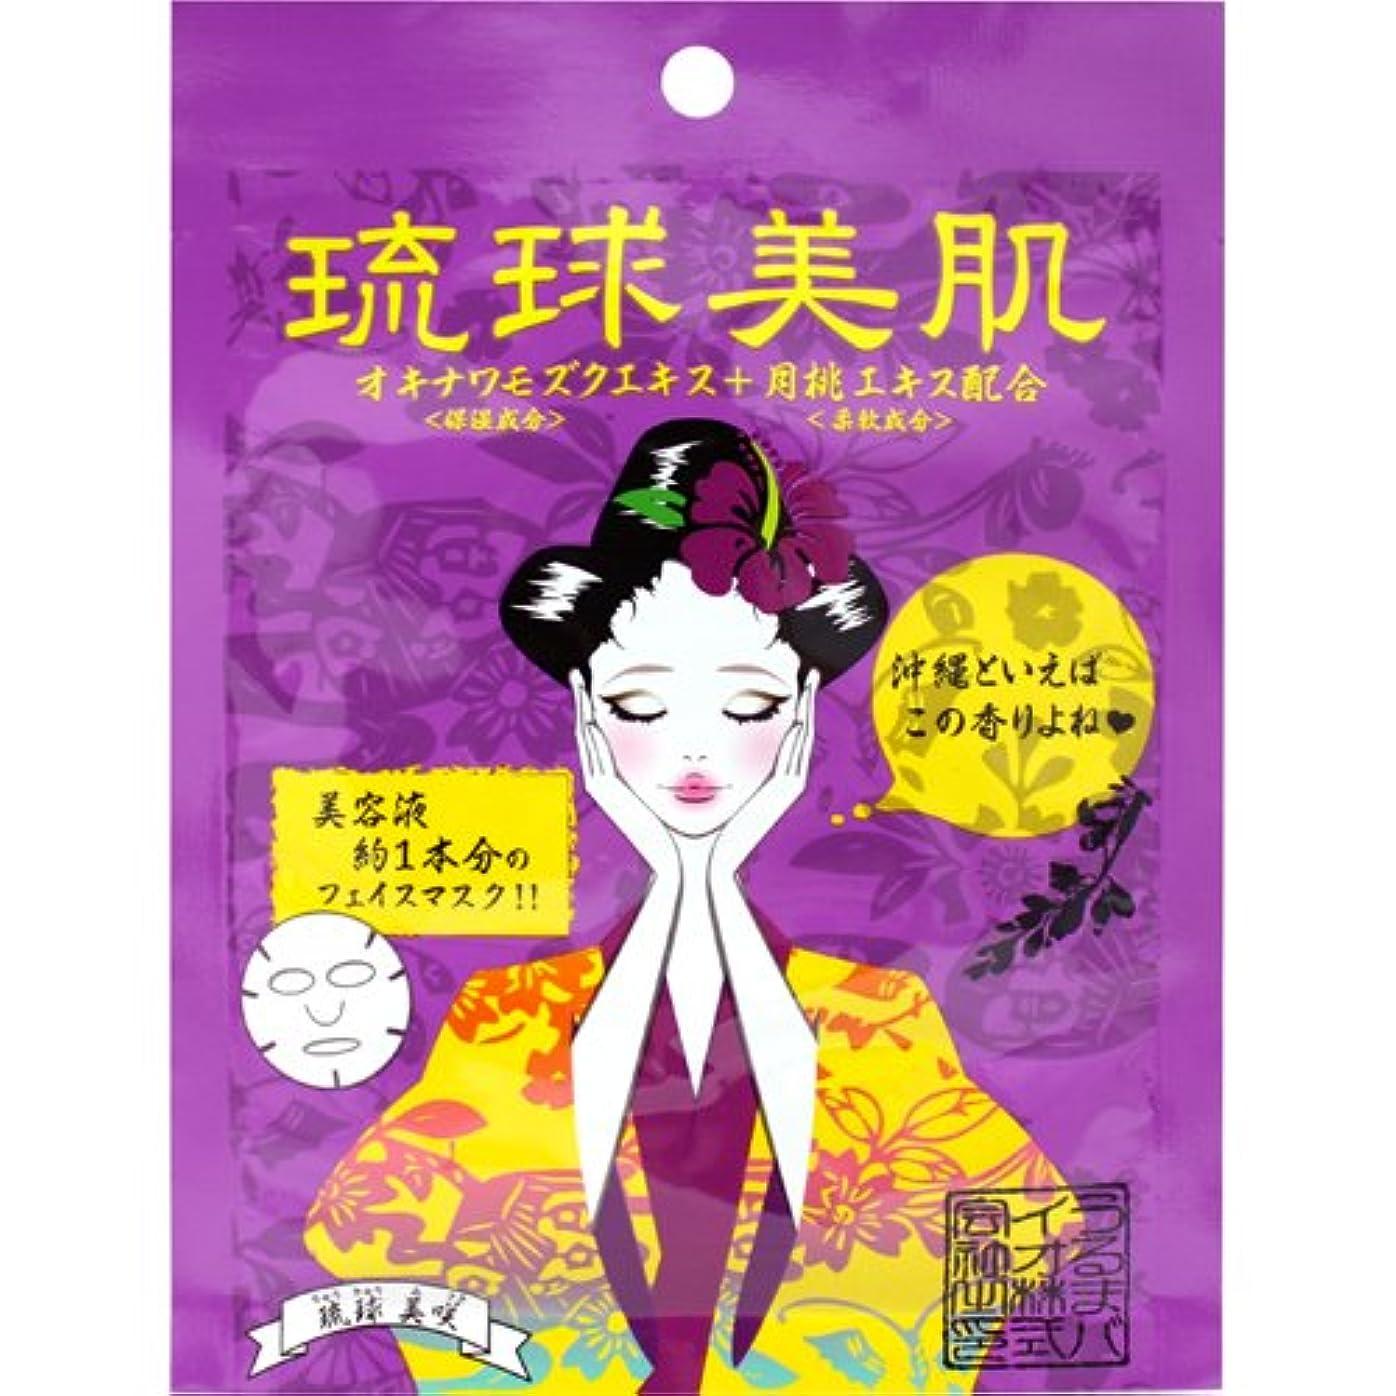 北米ブランド陸軍琉球美肌フェイスマスクシート 紫(月桃の香り)